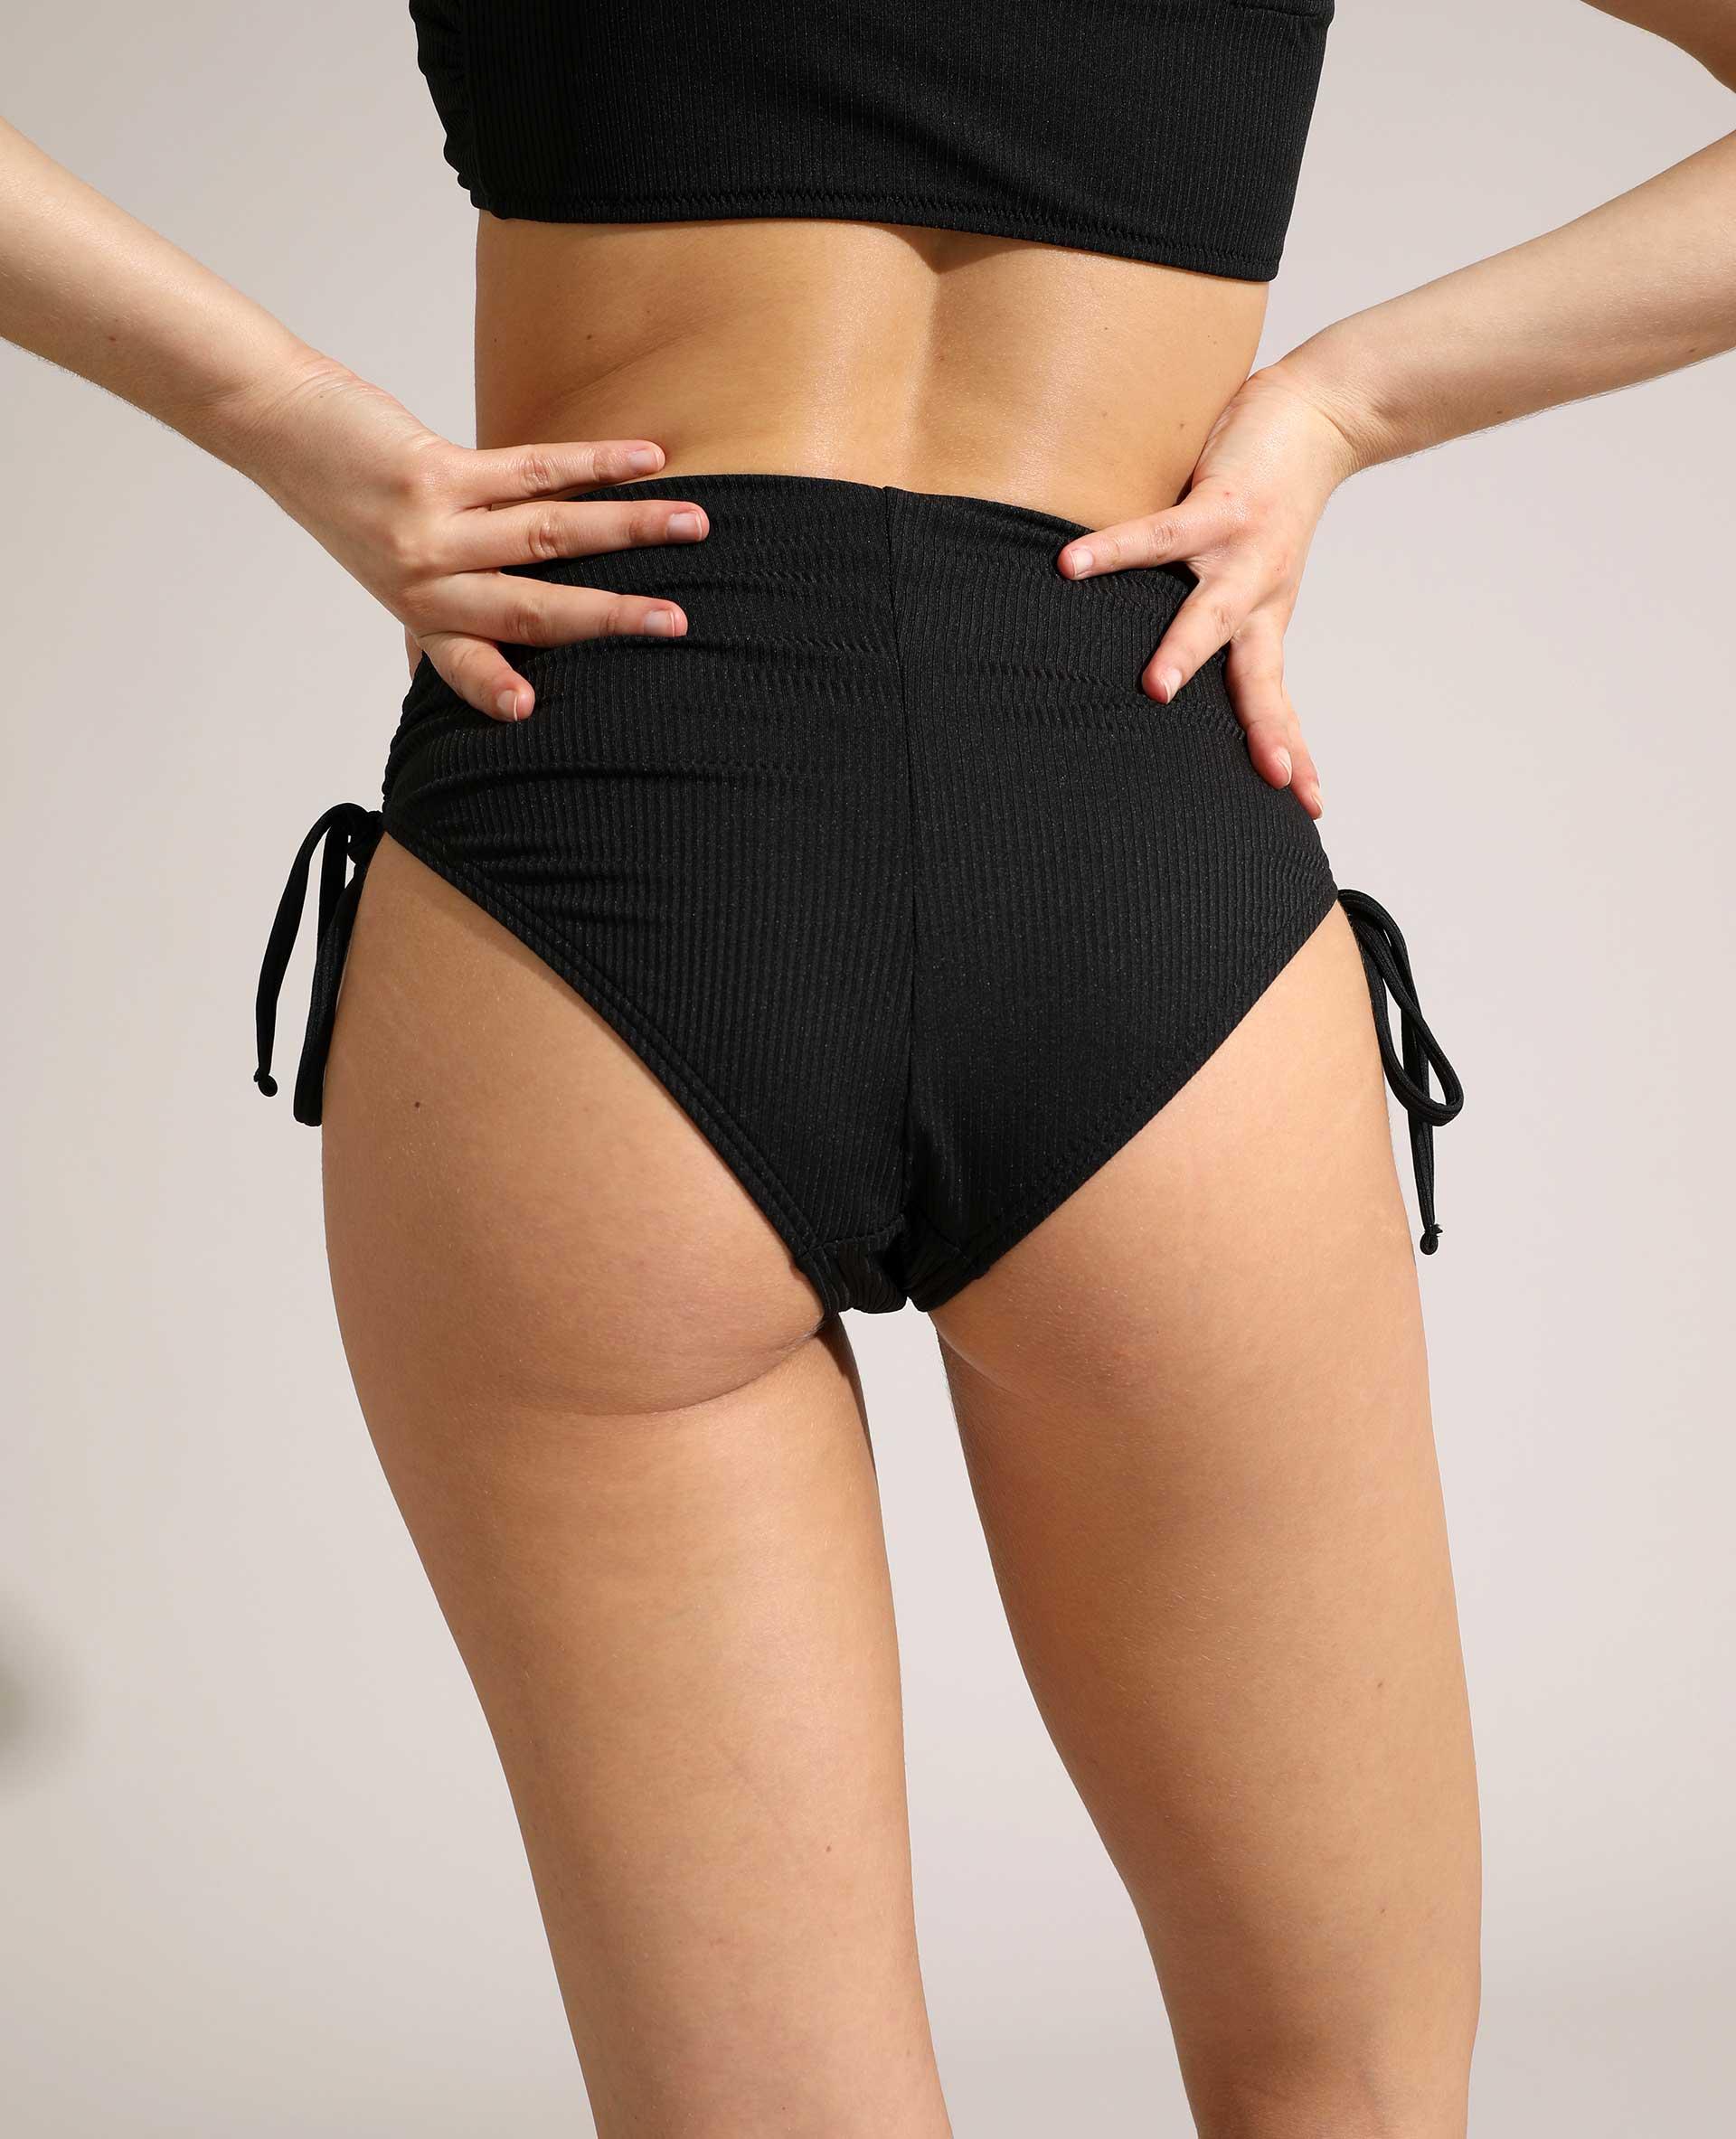 Bas de maillot de bain culotte côtelé noir - Pimkie